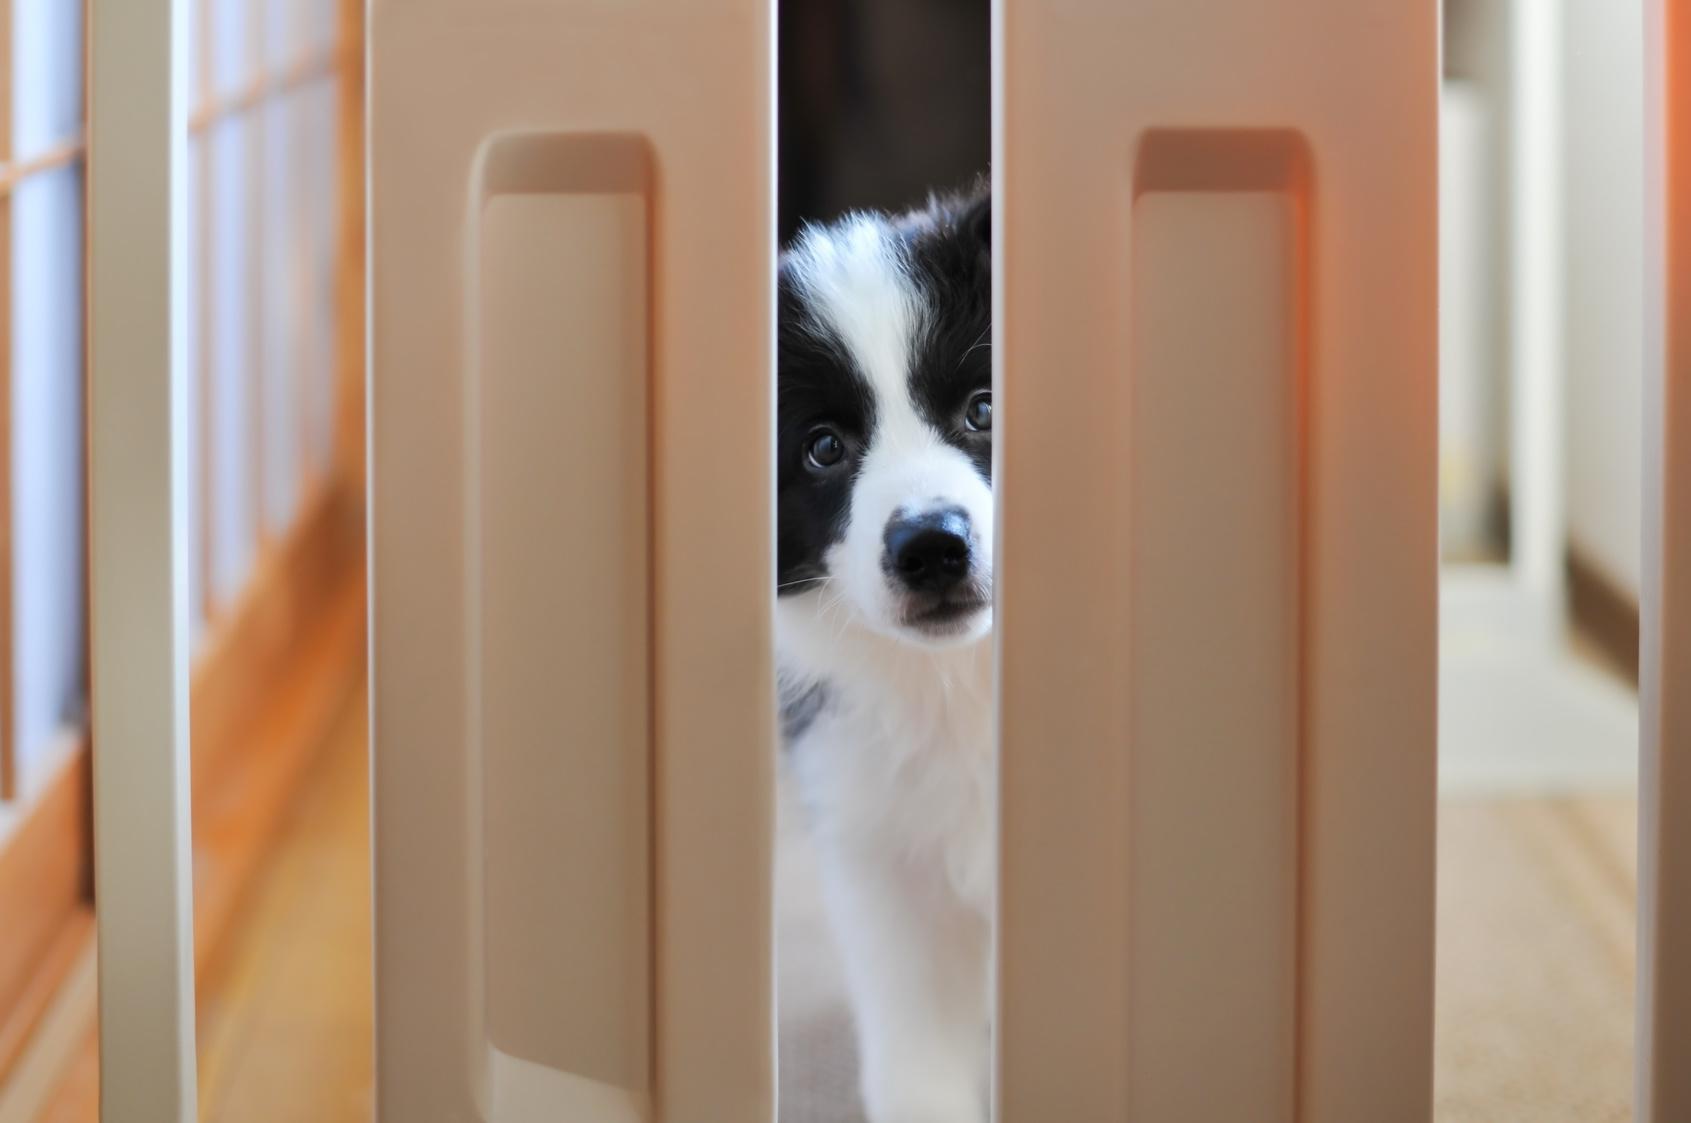 愛犬の留守番中のいたずら…実は、飼い主の愛情不足かも!?